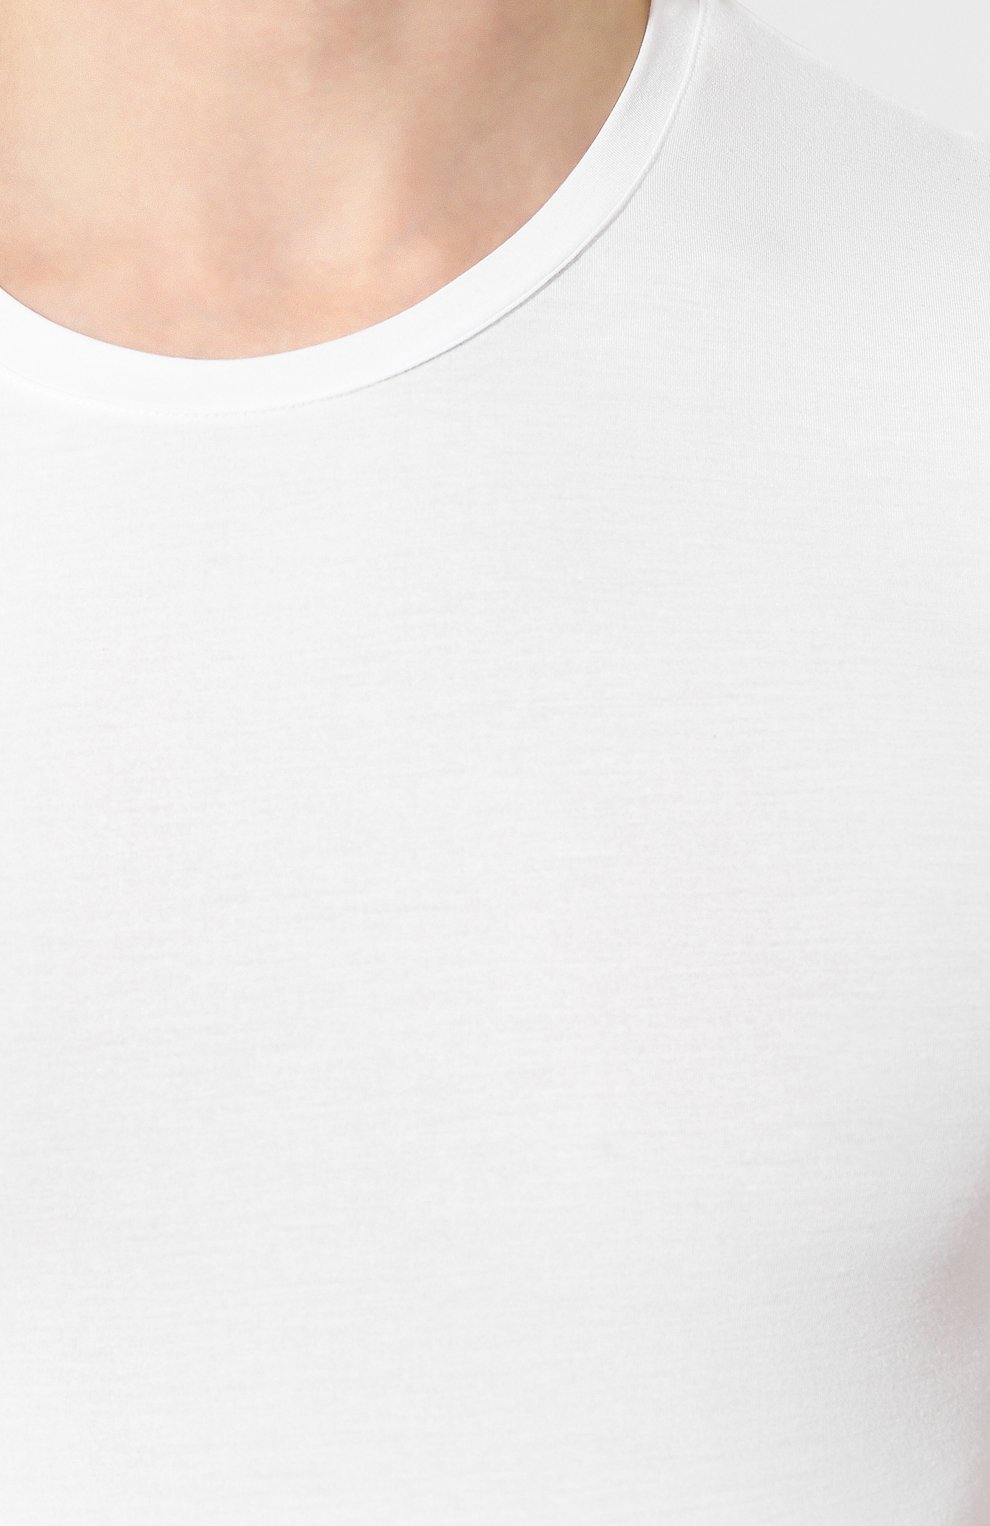 Мужская футболка ERMENEGILDO ZEGNA белого цвета, арт. N2M200020   Фото 5 (Кросс-КТ: домашняя одежда; Рукава: Короткие; Материал внешний: Синтетический материал; Длина (для топов): Стандартные; Мужское Кросс-КТ: Футболка-белье; Статус проверки: Проверена категория)